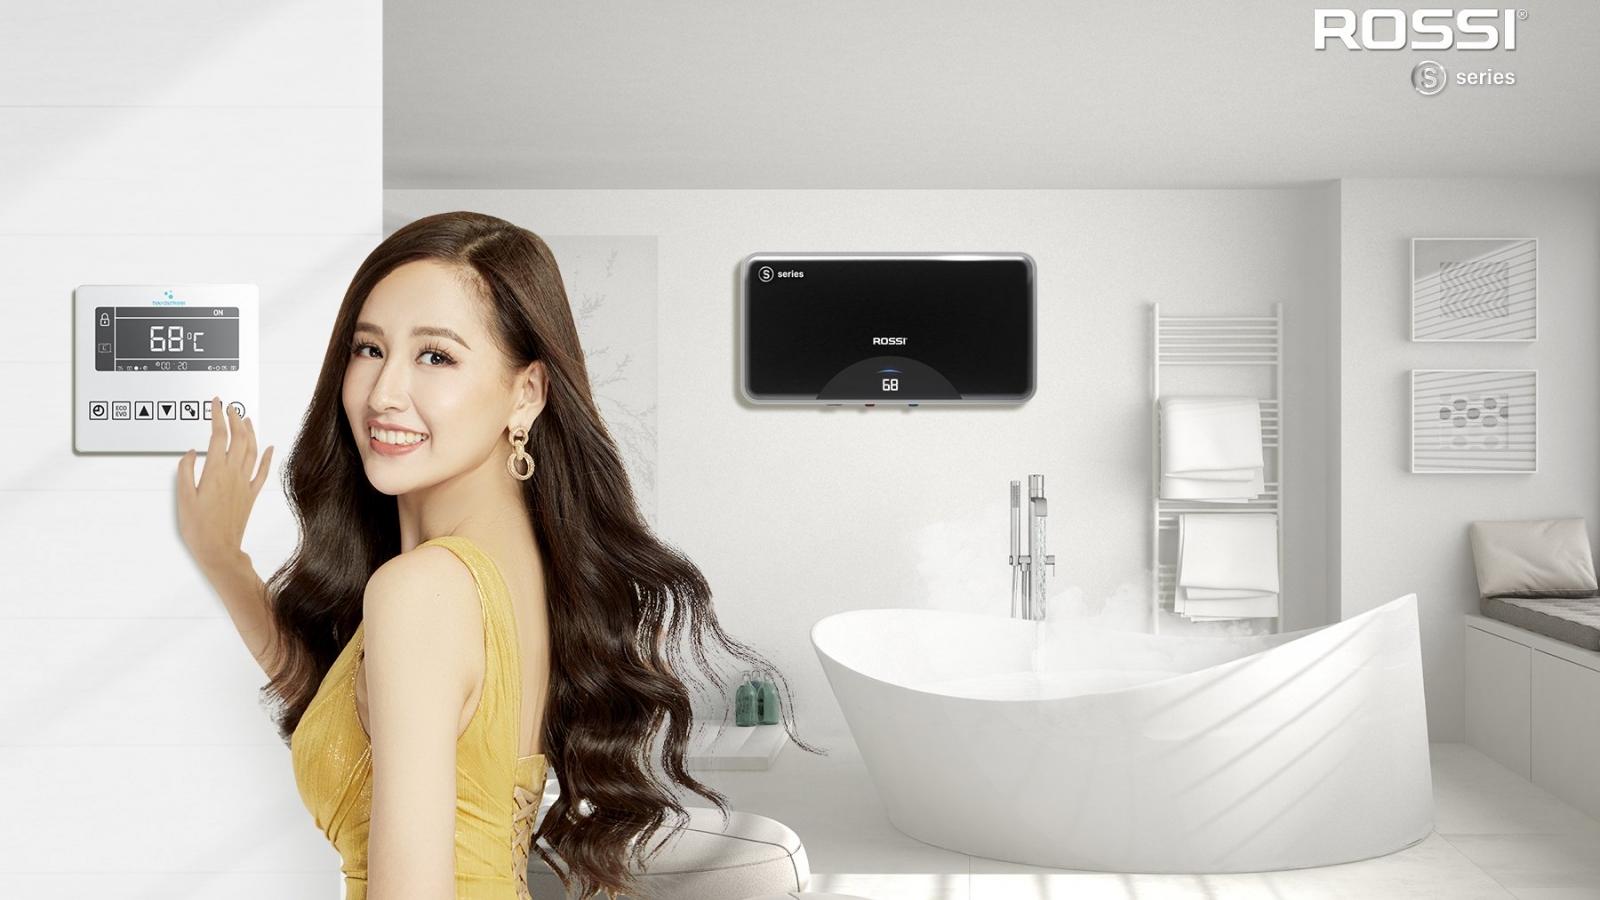 """Hoa hậu Mai Phương Thúy: """"Chủ động mang đến sự tự tin và kiêu hãnh cho phái đẹp"""""""